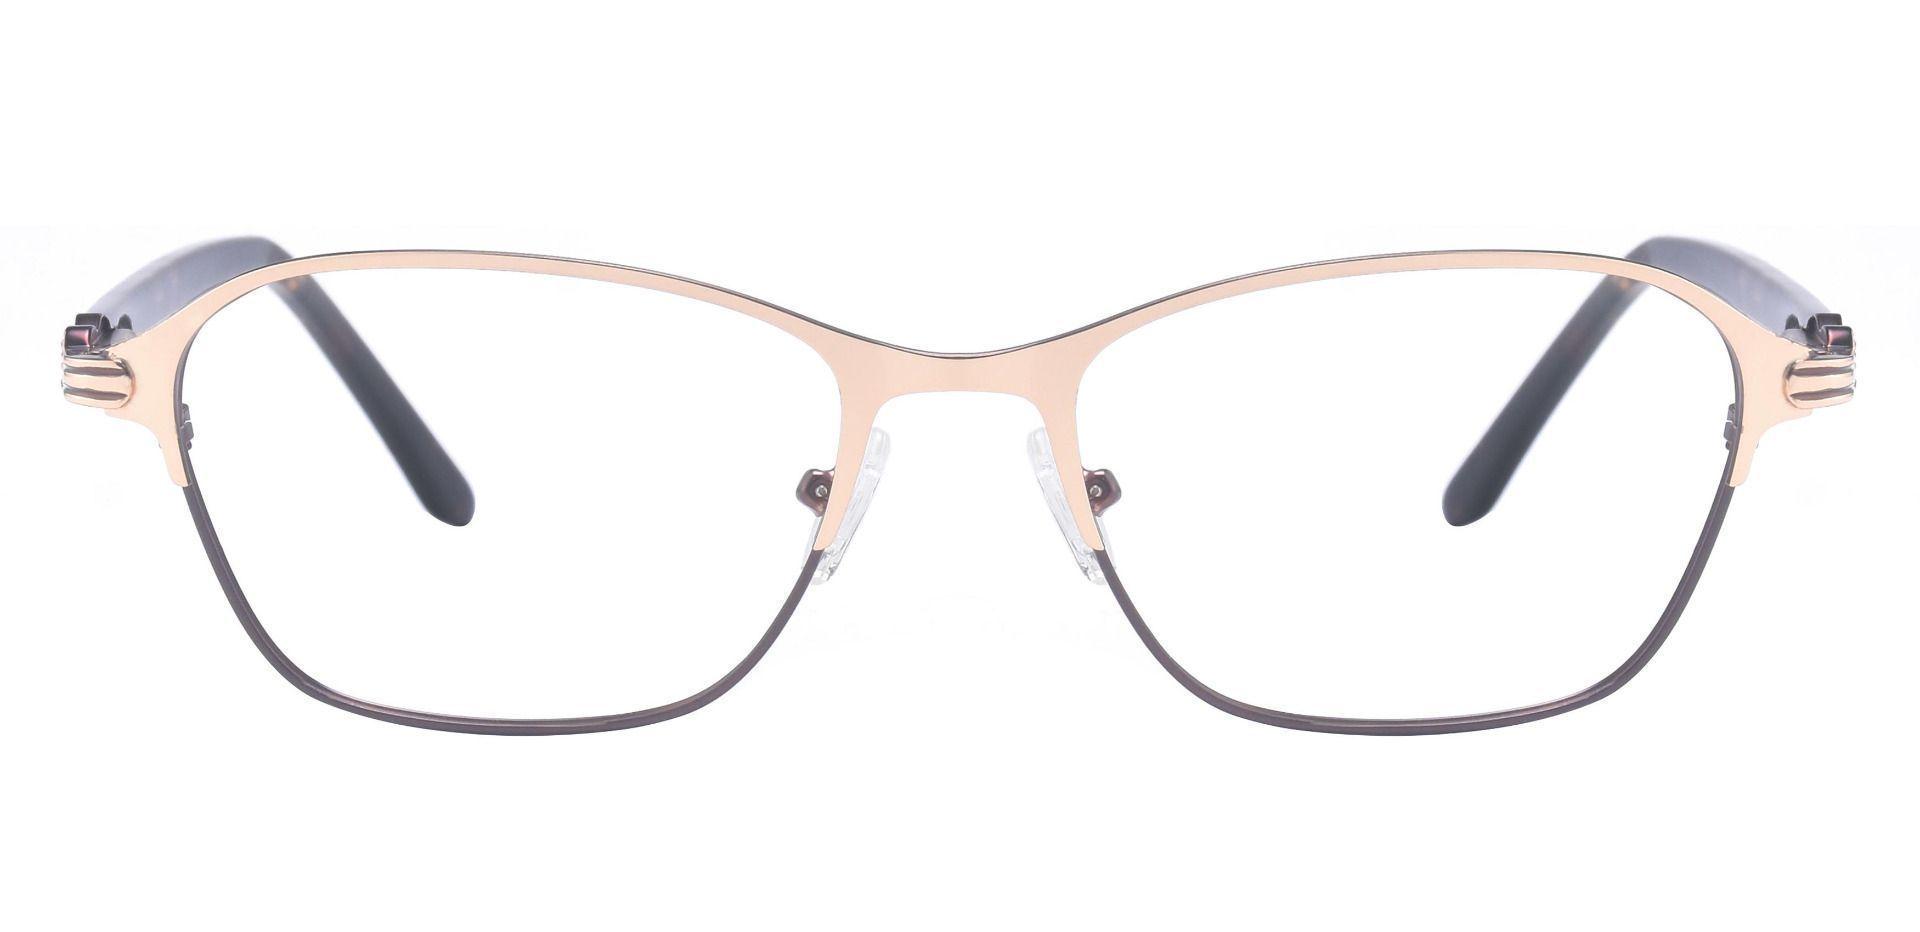 Maria Geometric Prescription Glasses - Gold